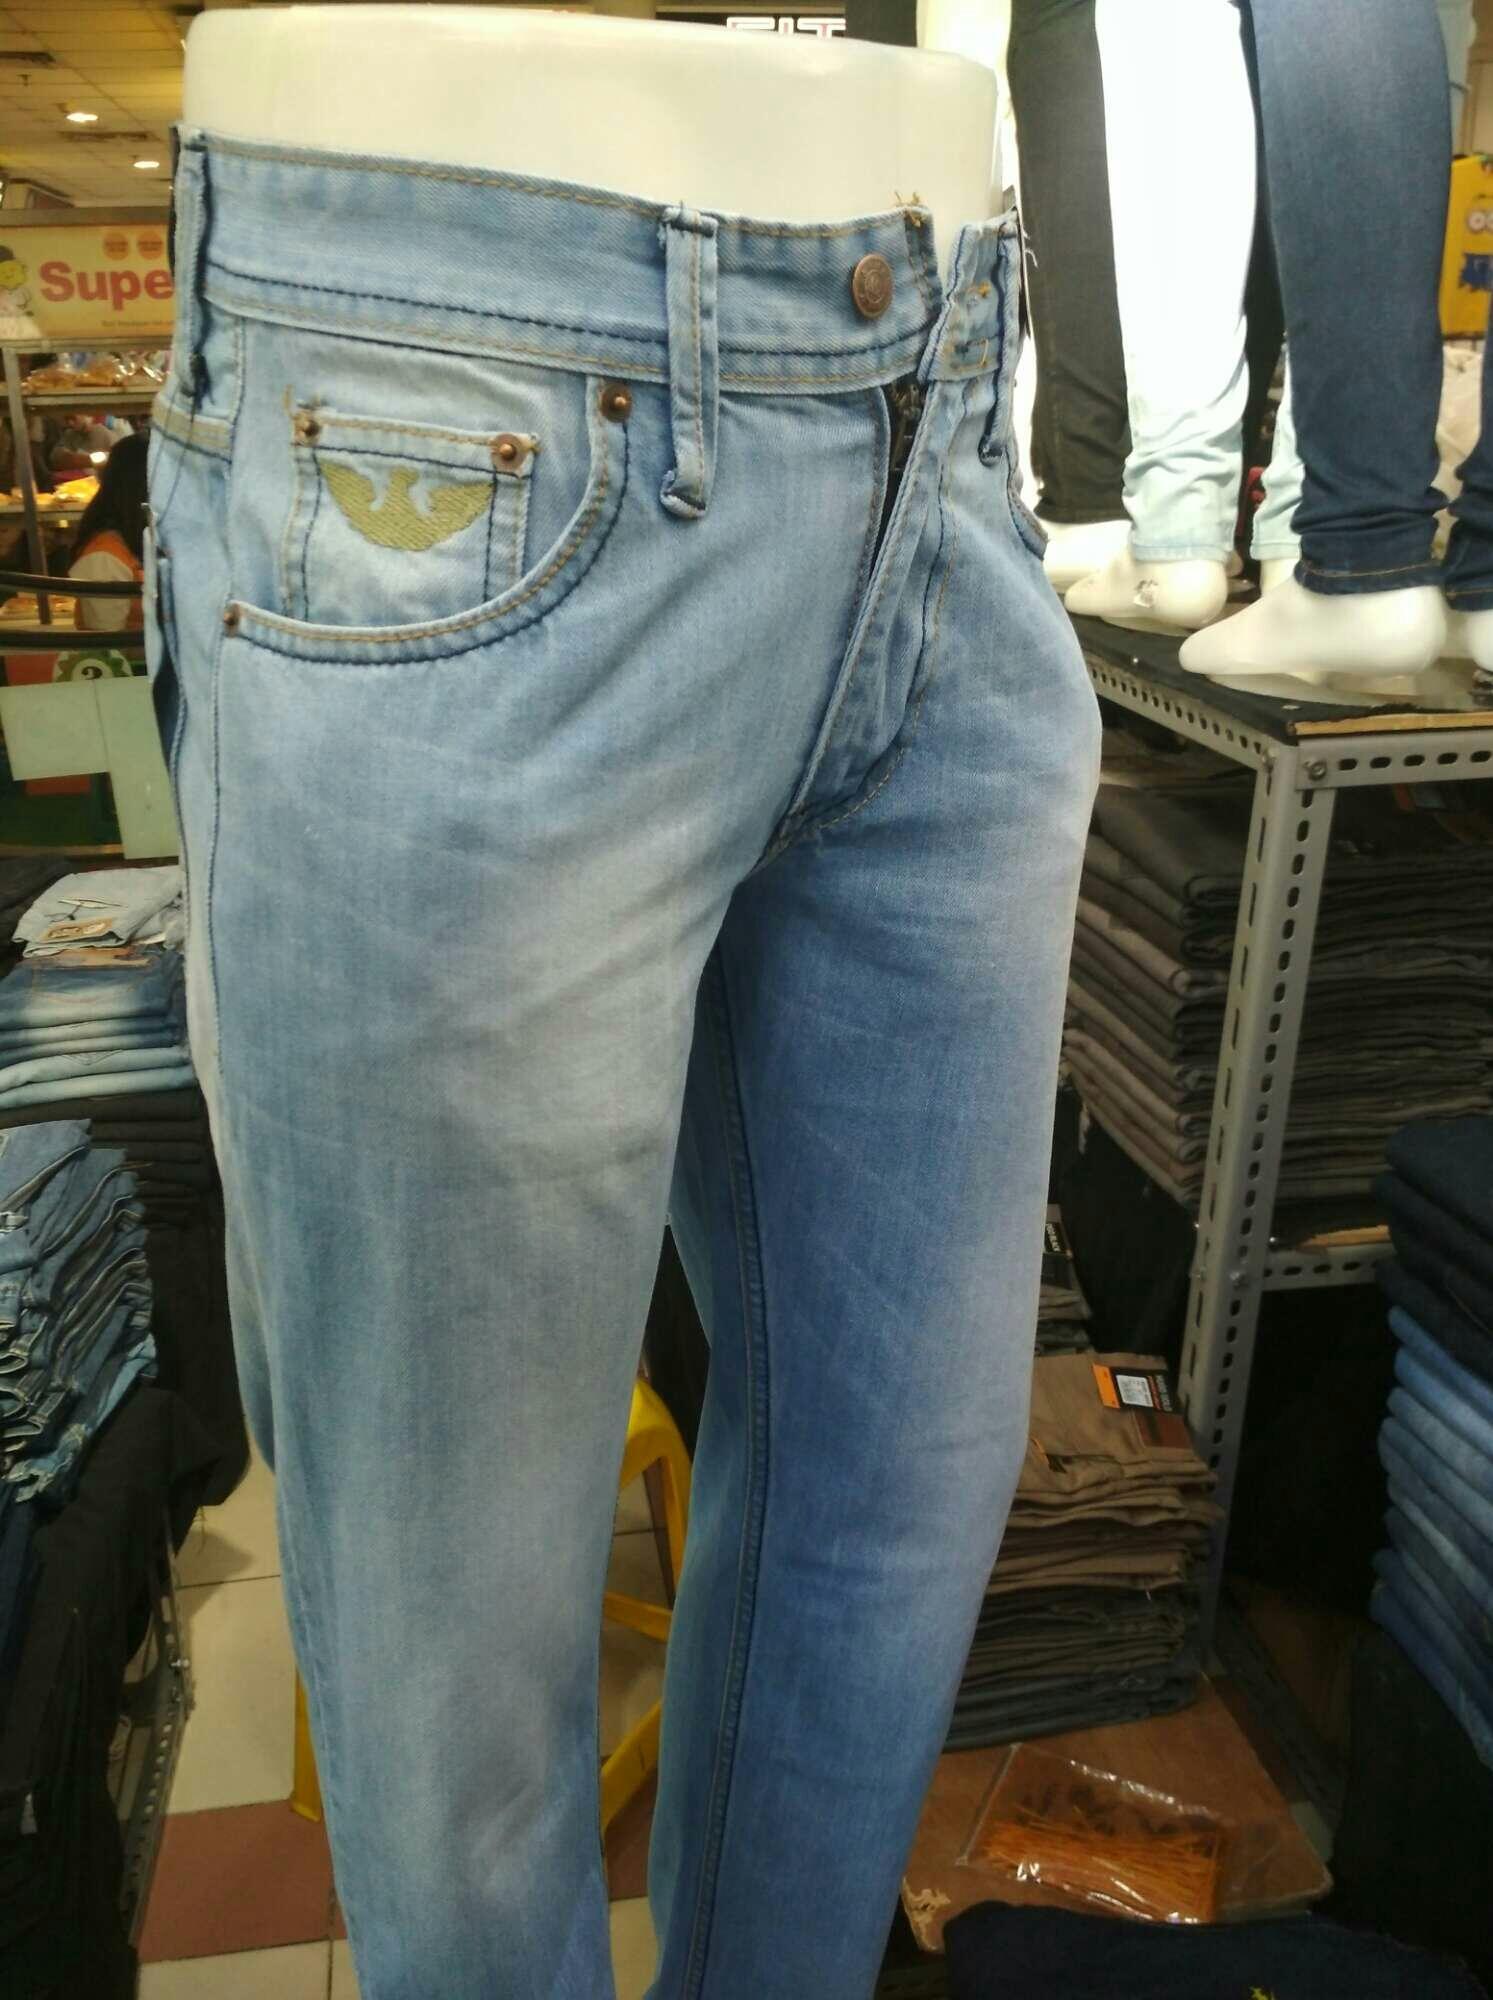 Celana panjang reguler standar pria biru muda